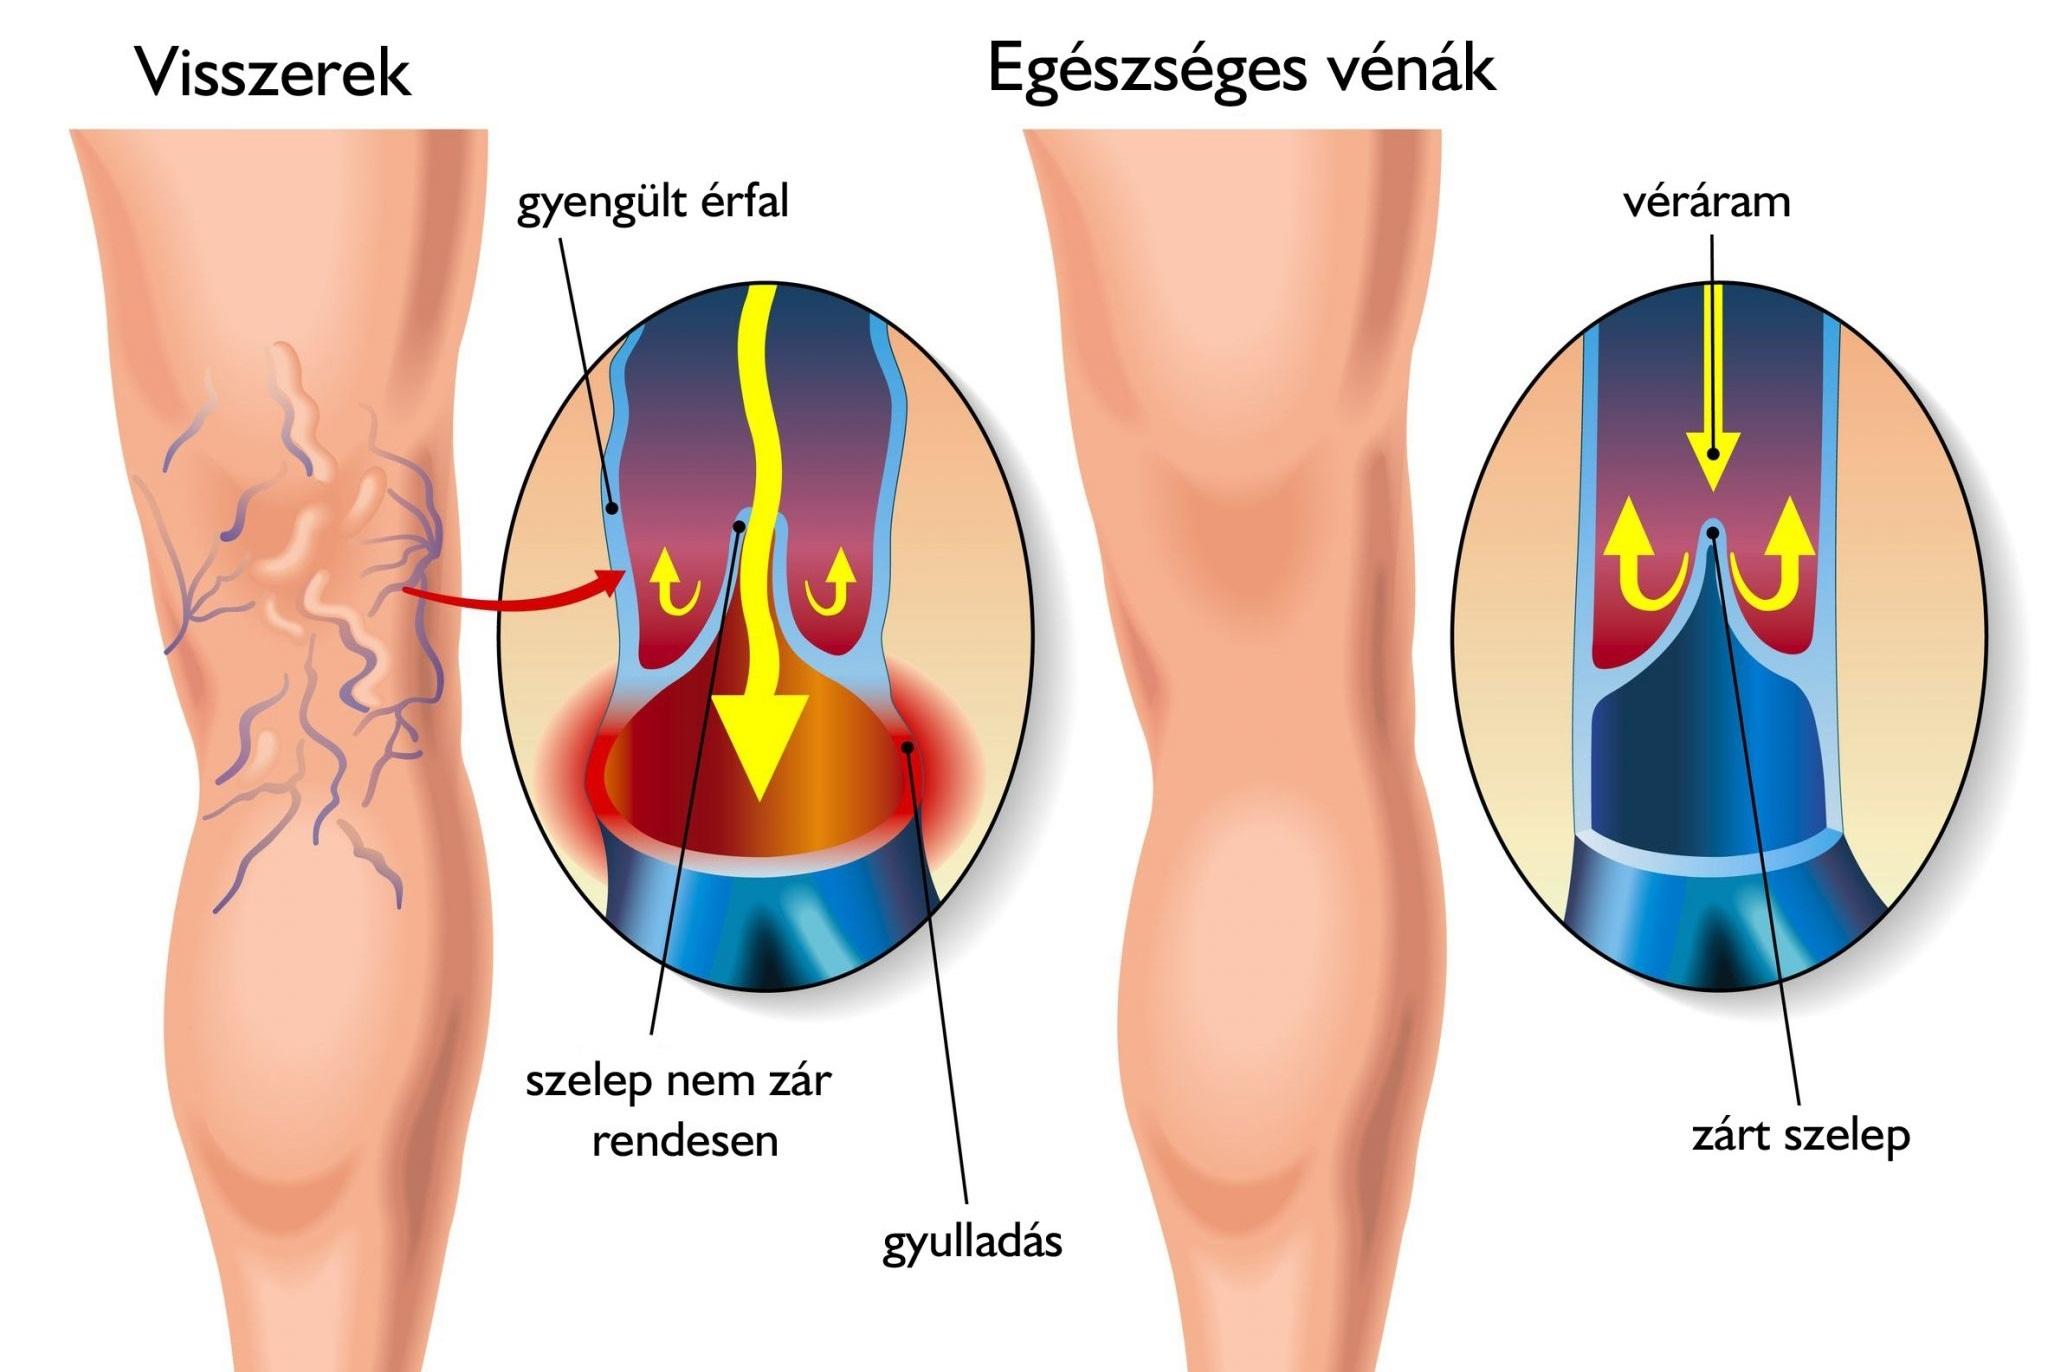 Sajtterápia visszér visszajelzések orvosok, Az alsó végtagok varikoózisának kezelése 1 fokkal